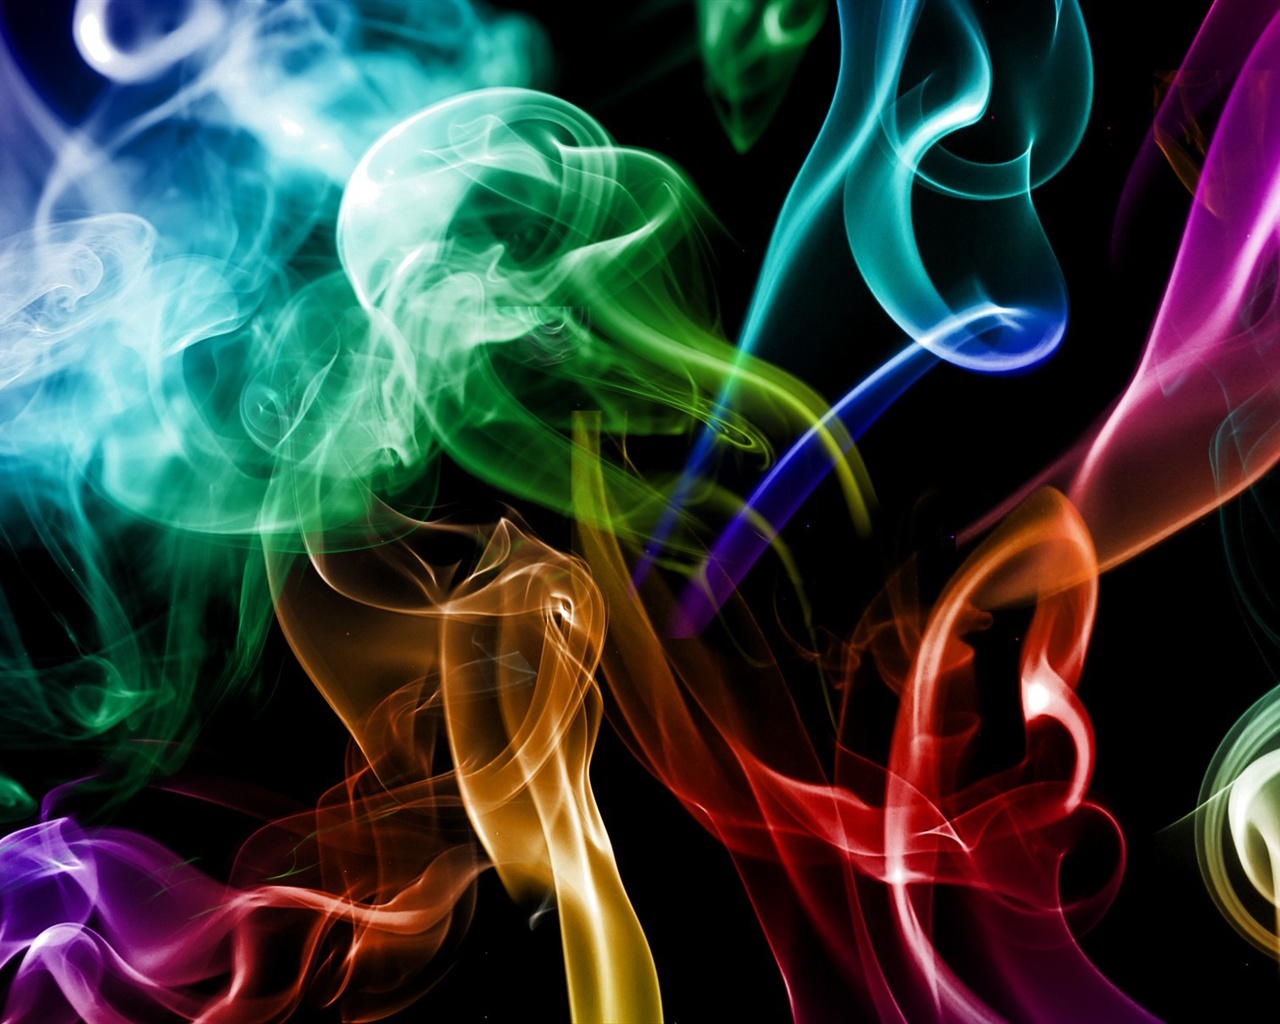 Pap 233 Is De Parede Fuma 231 A Colorida Abstra 231 227 O Criativa